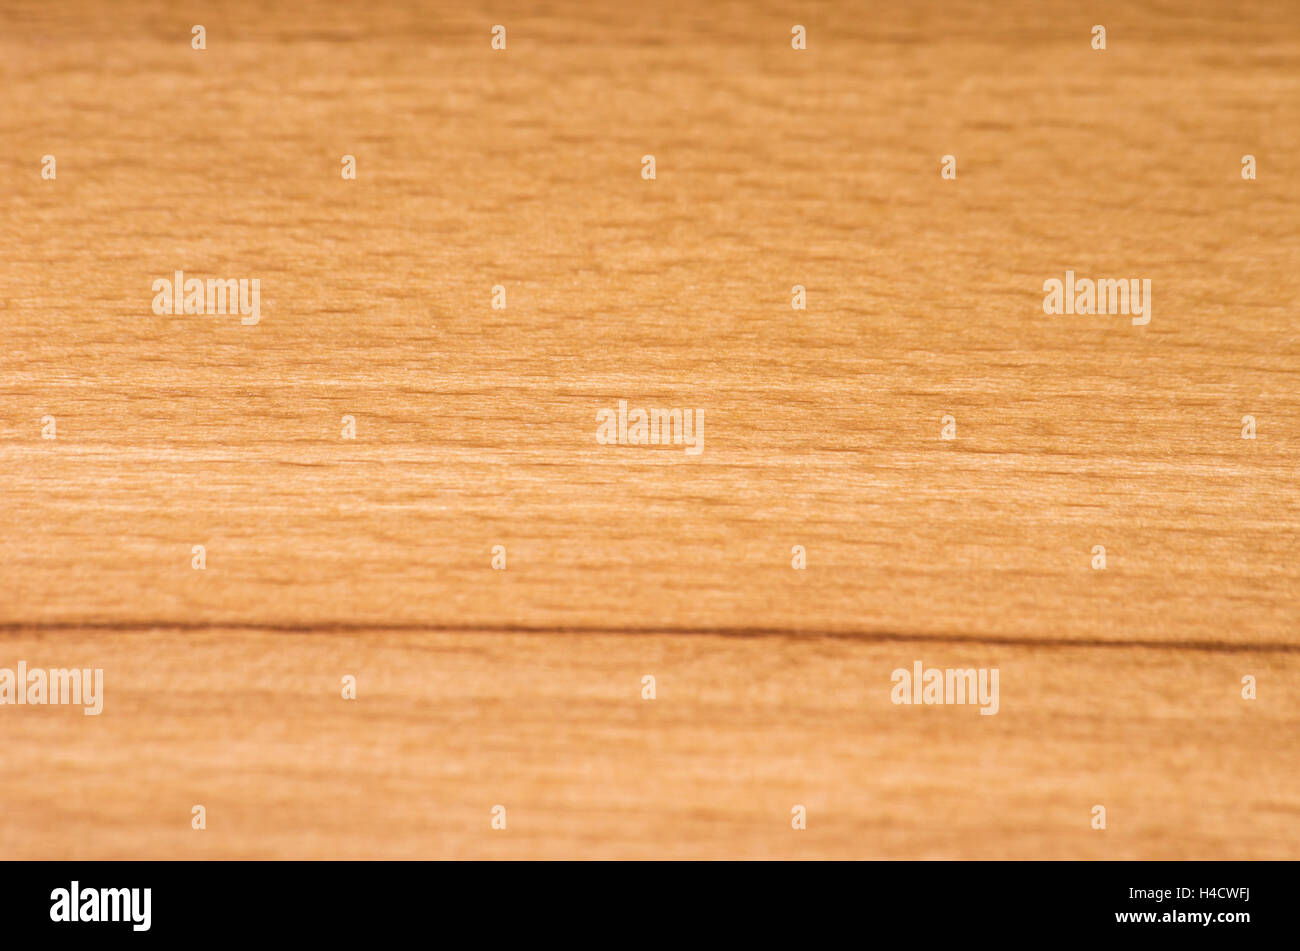 Buchenholz Platte Hintergrund Stockfoto Bild 123214662 Alamy